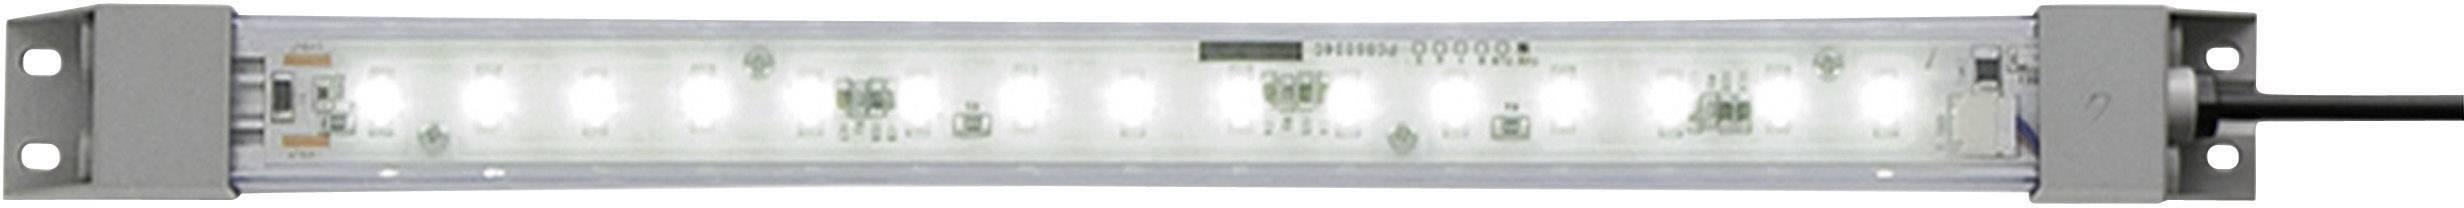 Idec LF1B-NC3P-2THWW2-3M, biela, 300 lm, 4.4 W, 24 V/DC